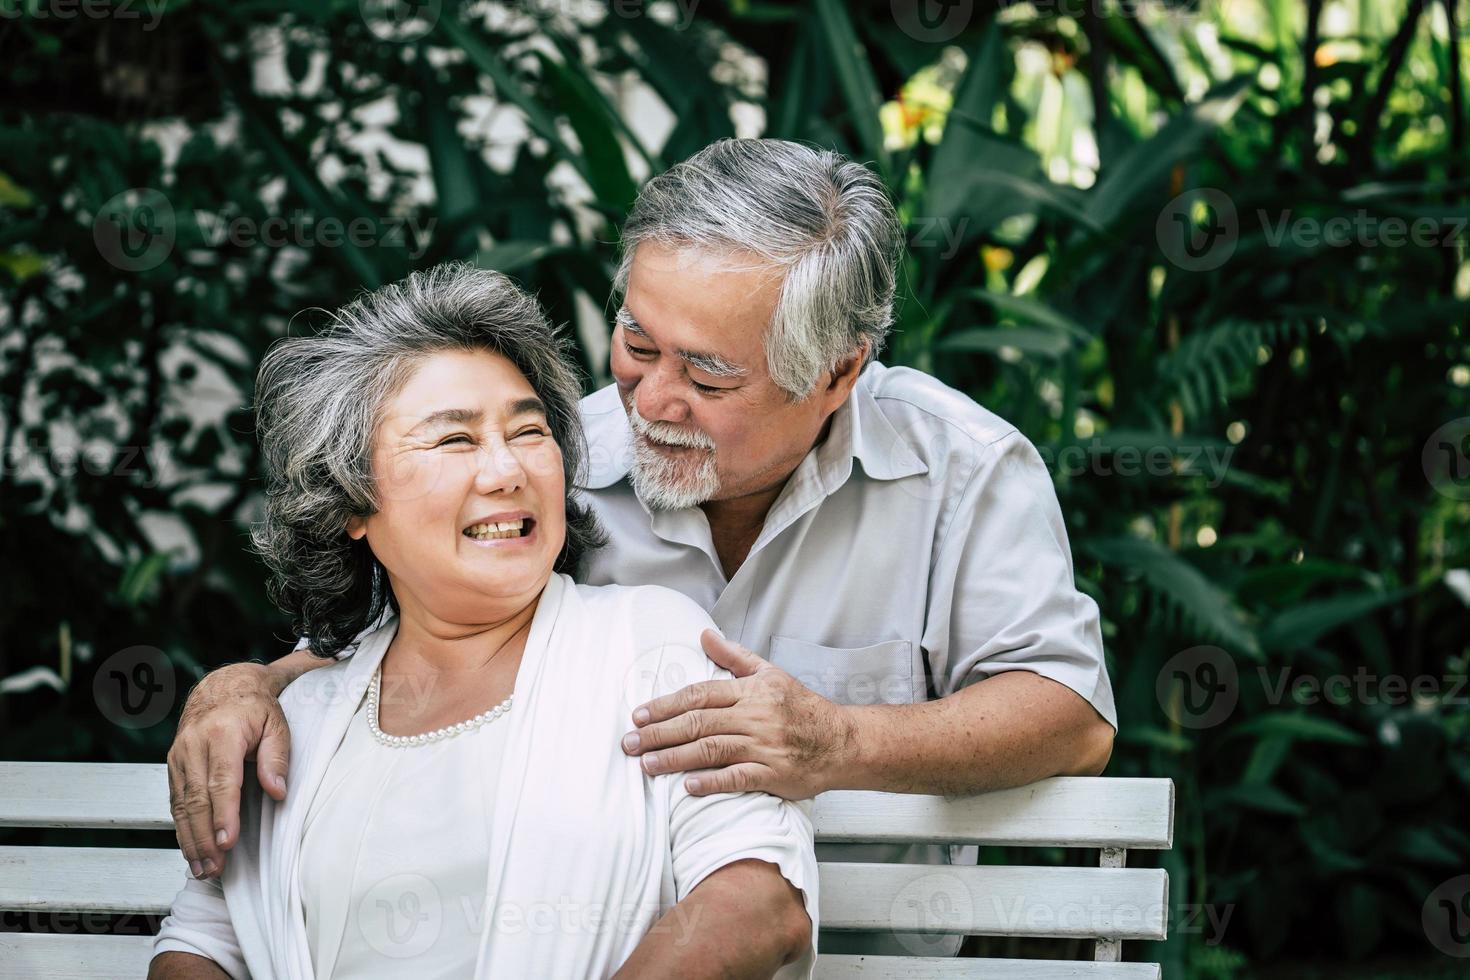 coppia senior che giocano insieme al parco foto